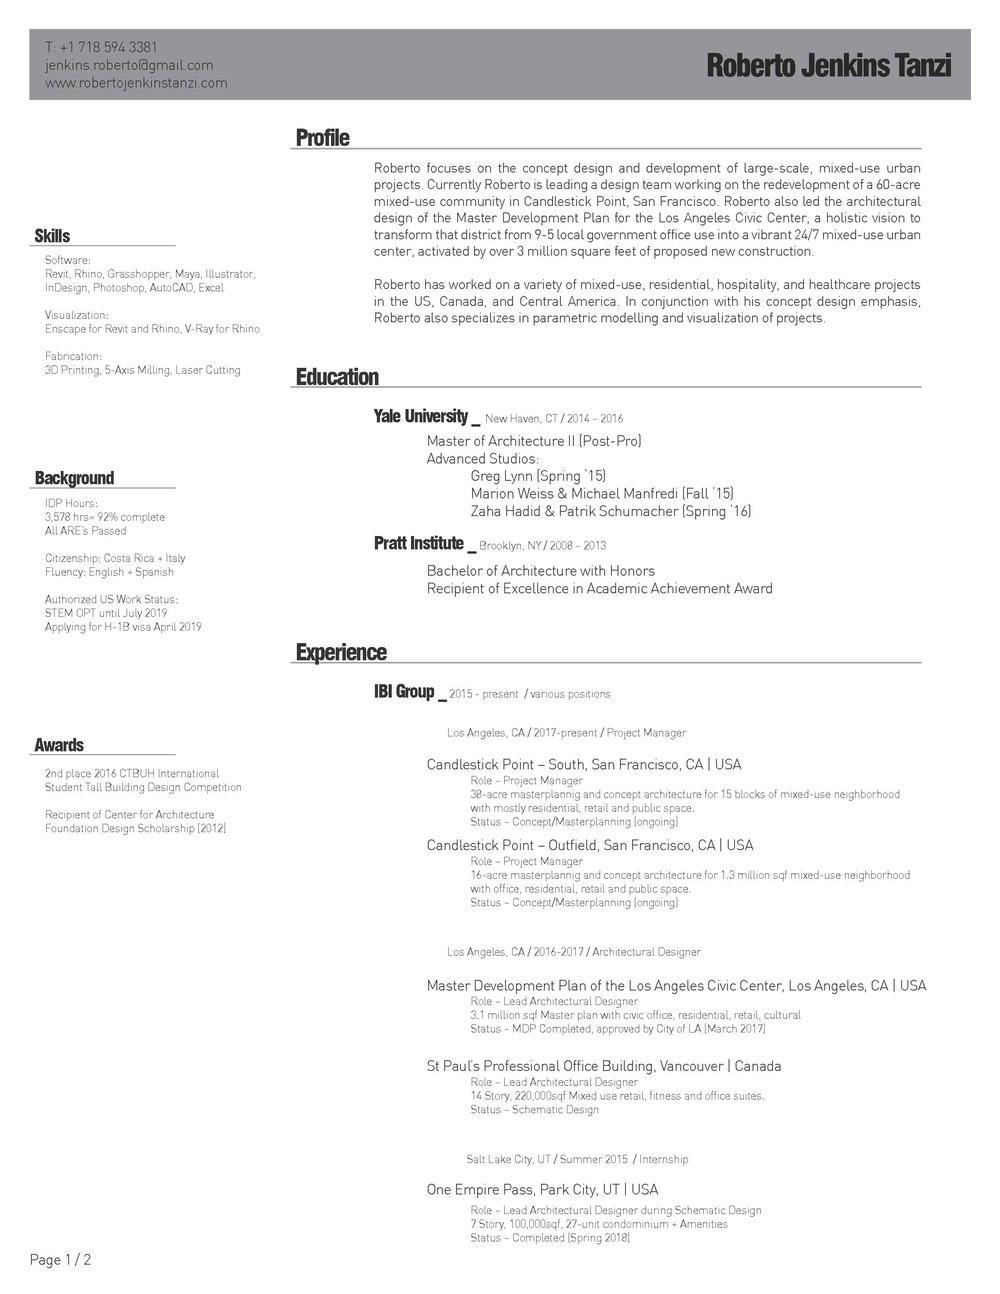 Roberto Jenkins Resume 181002_Page_1.jpg